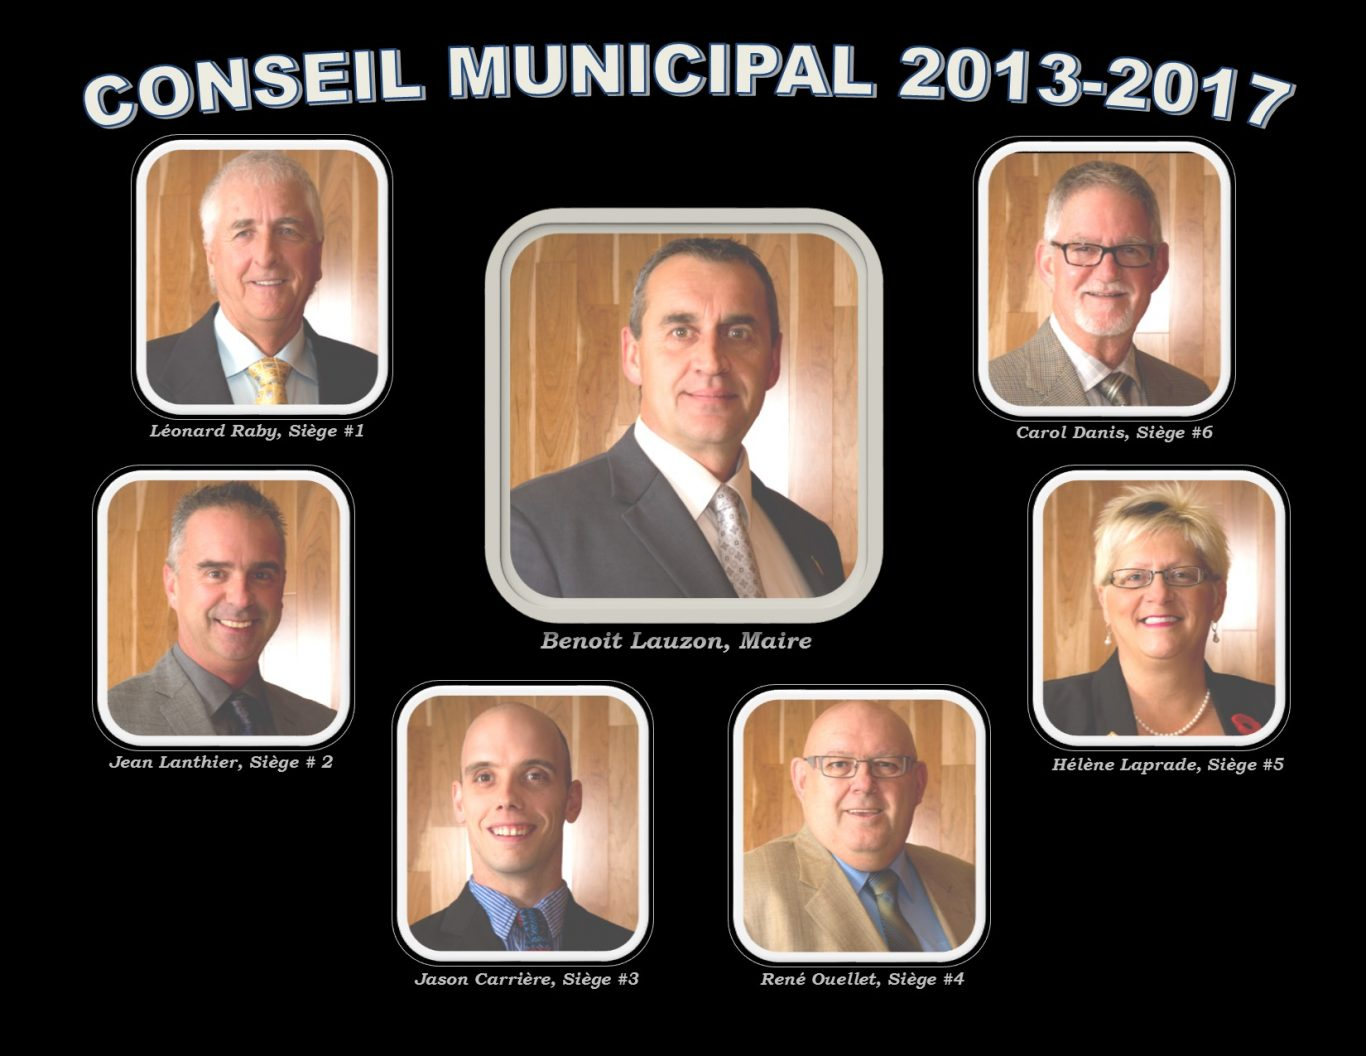 conseil municipal 2013 2017 2 - Ville de Thurso